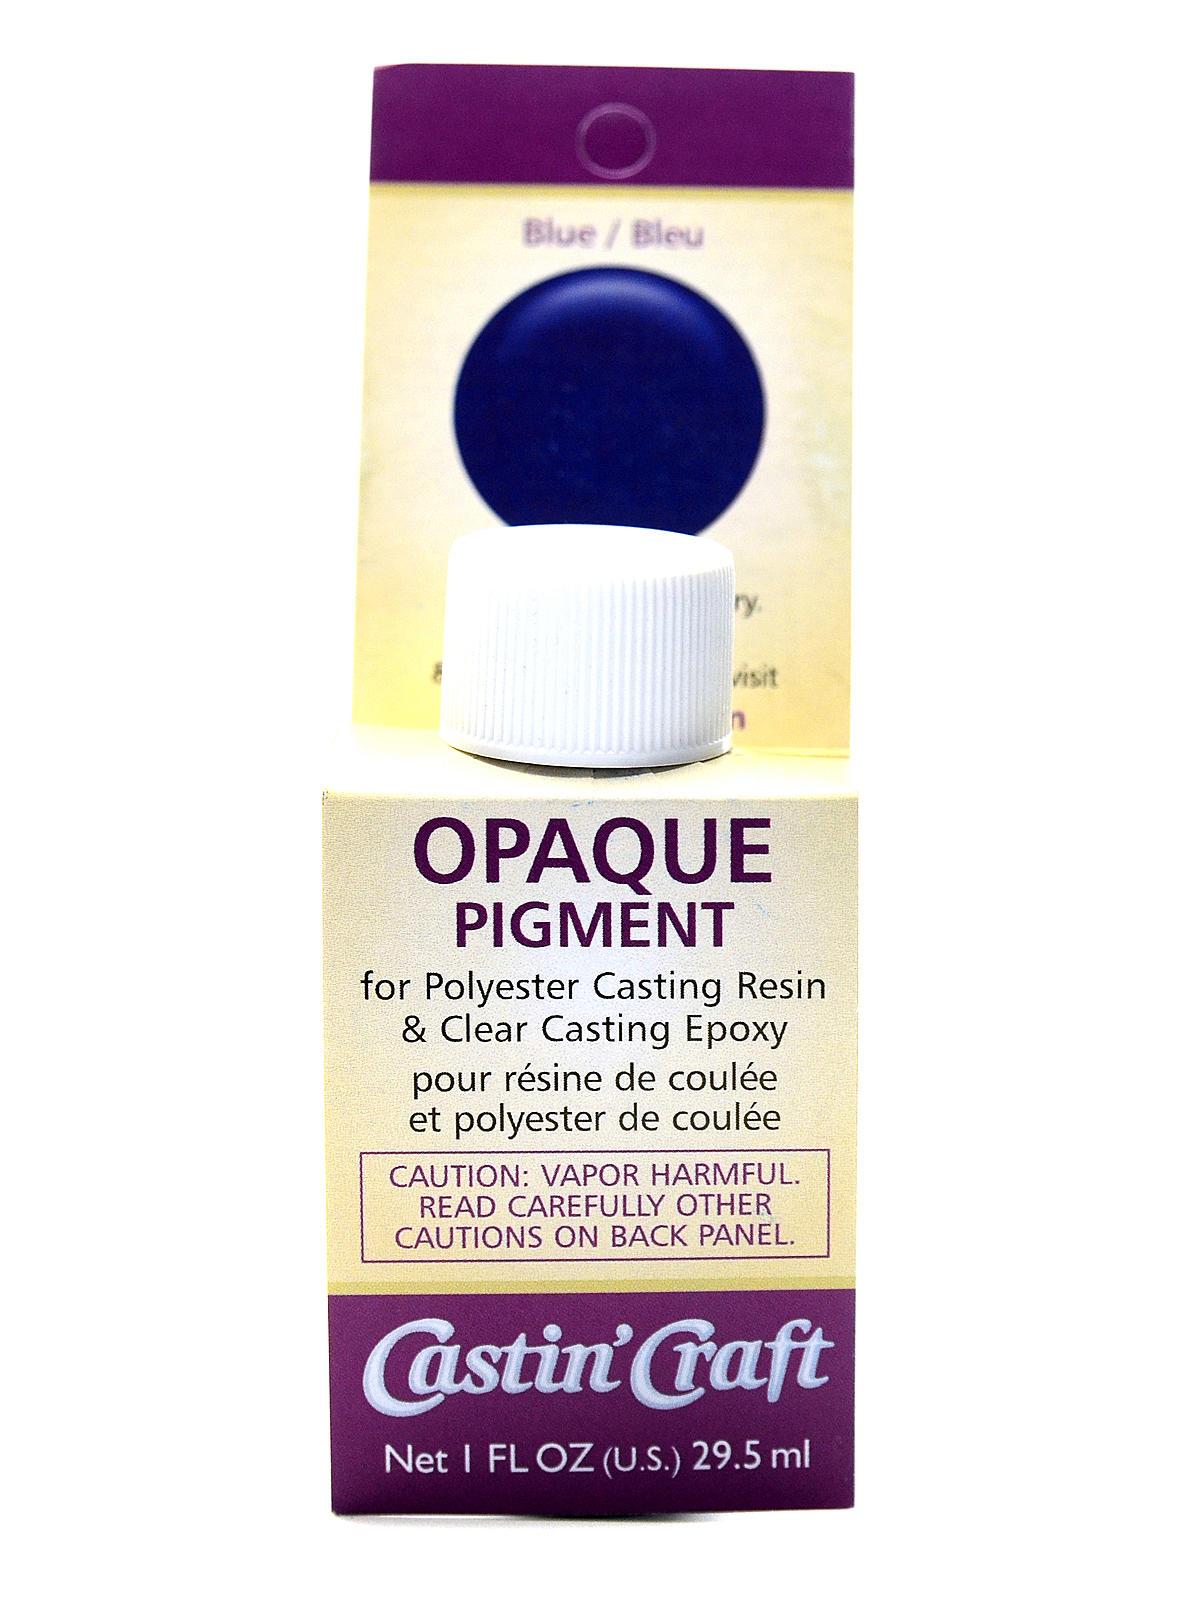 Castin craft color pigment - Opaque Pigments Blue Bottle 1 Oz